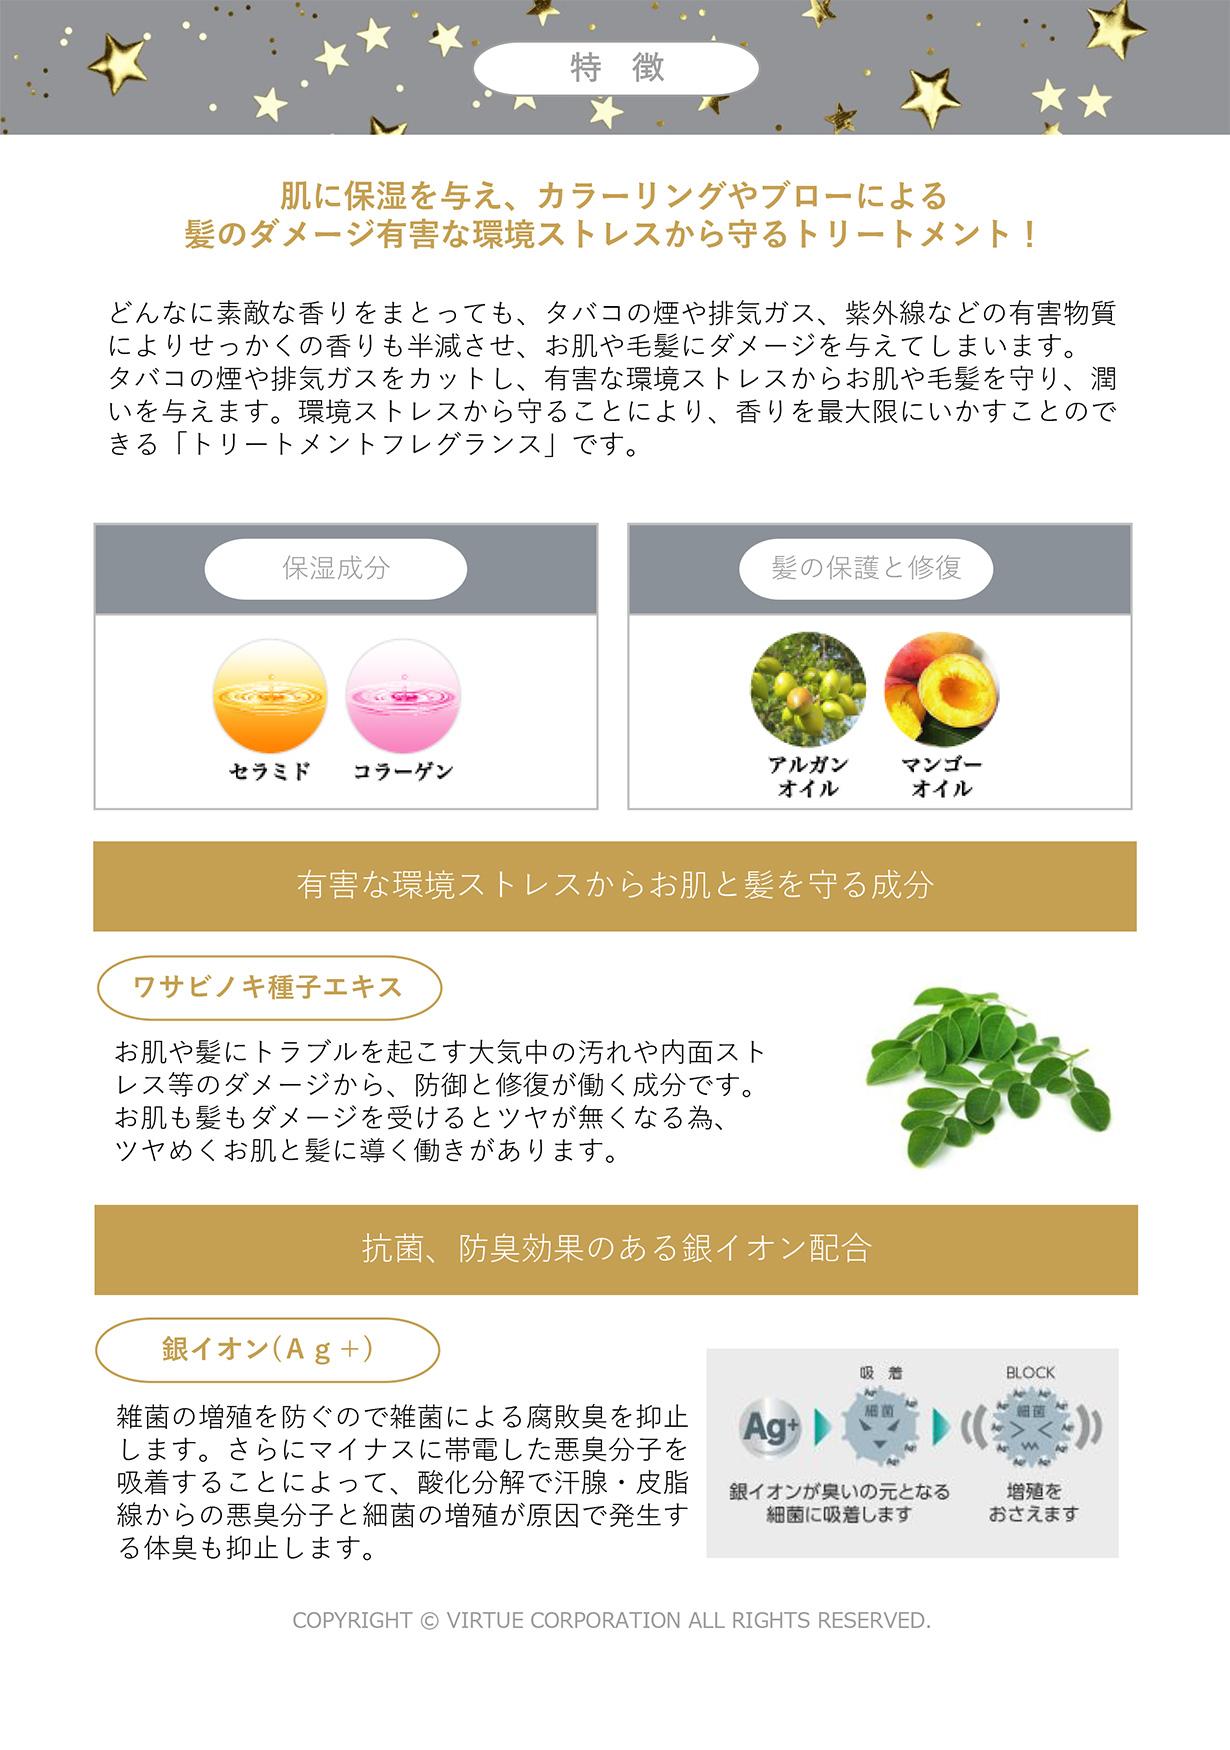 【規定書】シェイリー フレグランスミスト(2)